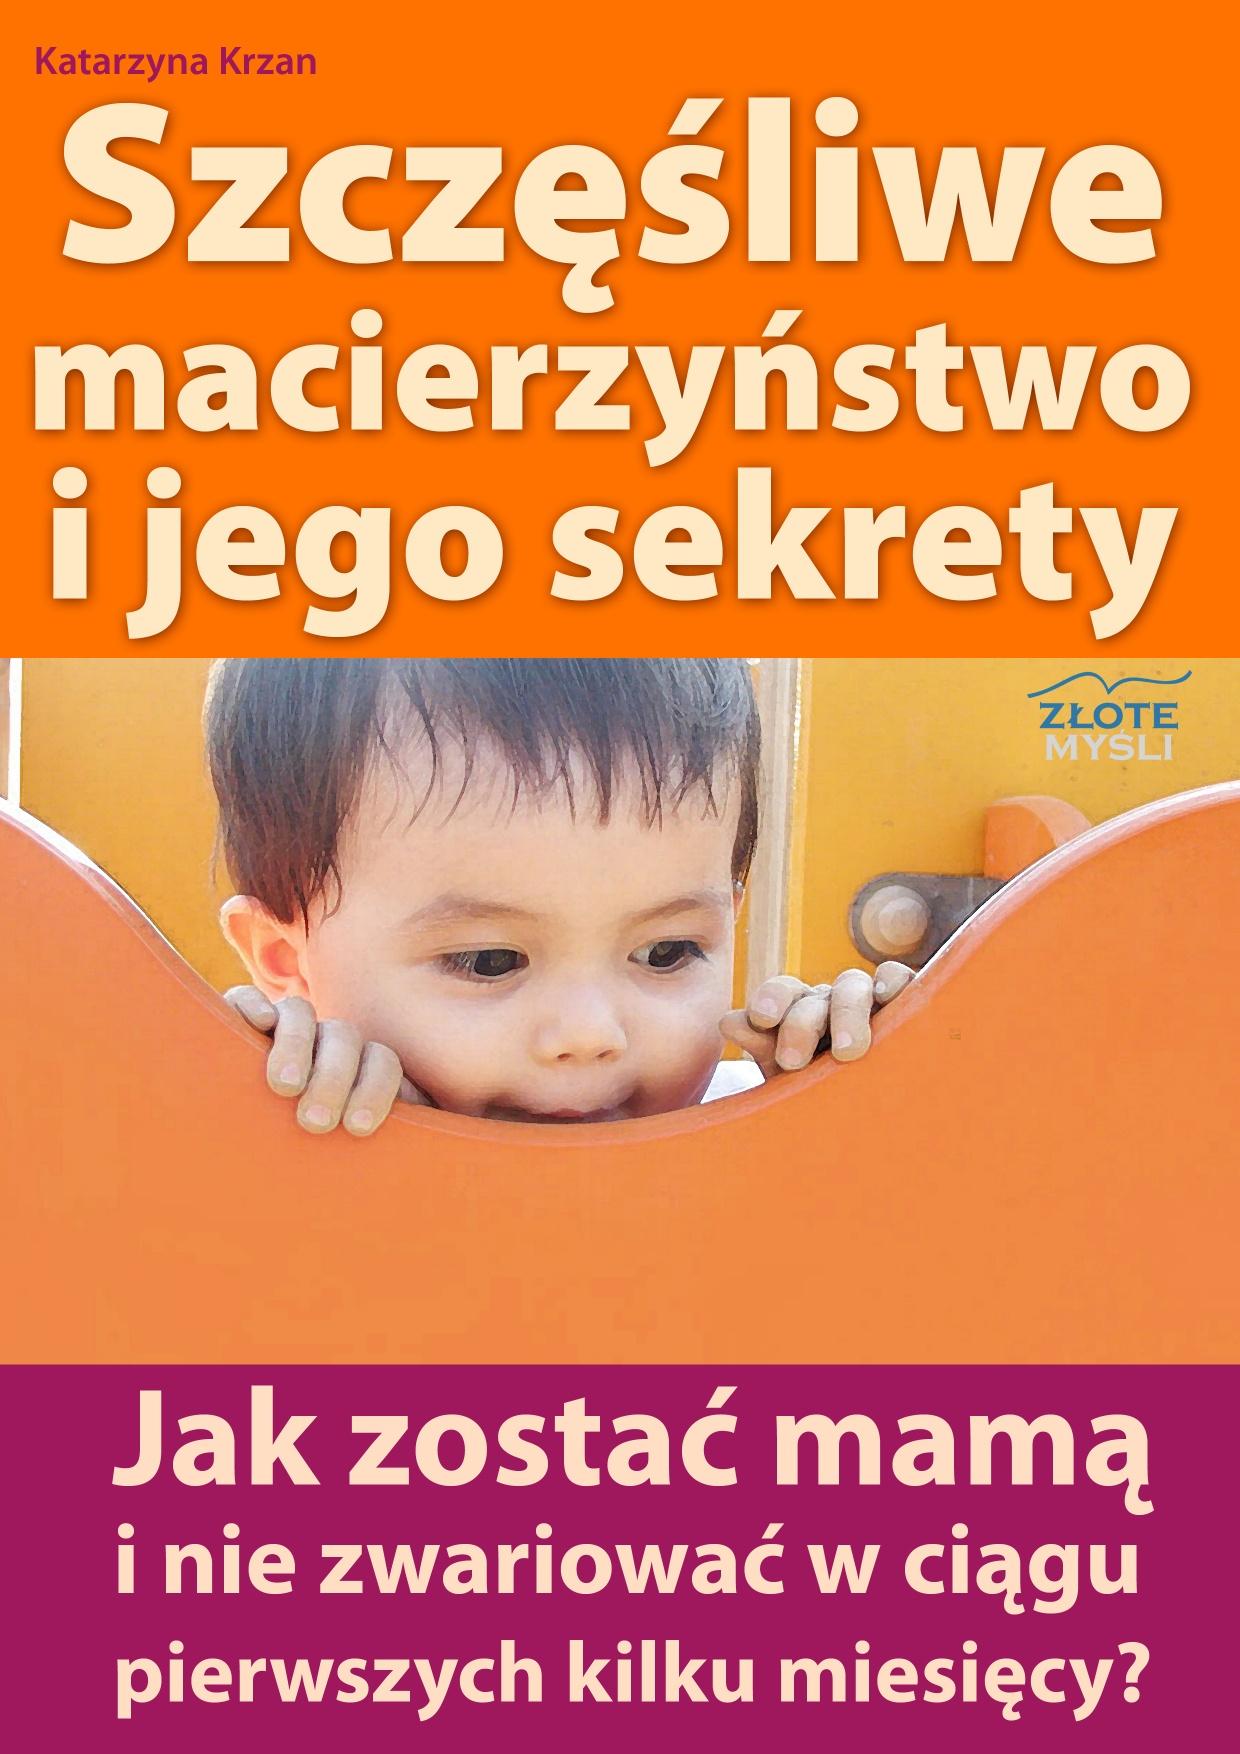 Katarzyna Krzan: Szczęśliwe macierzyństwo i jego sekrety - okładka